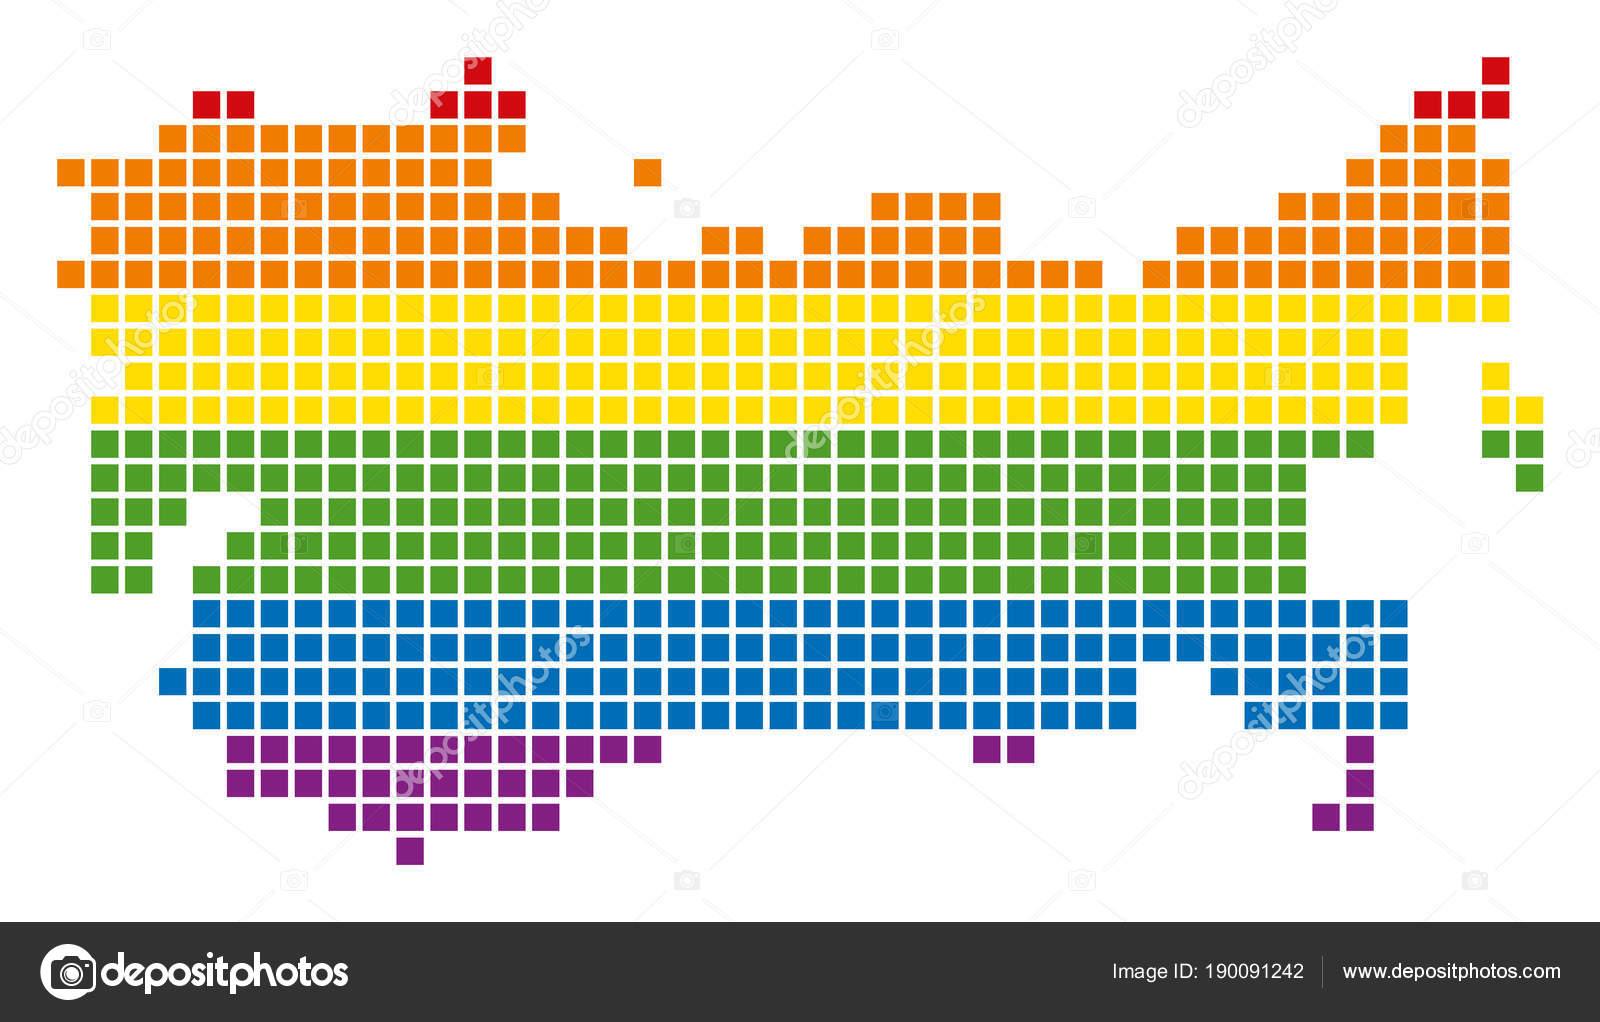 Carte Urss.Carte Urss Spectre Pixel Lgbt Image Vectorielle Ahasoft C 190091242